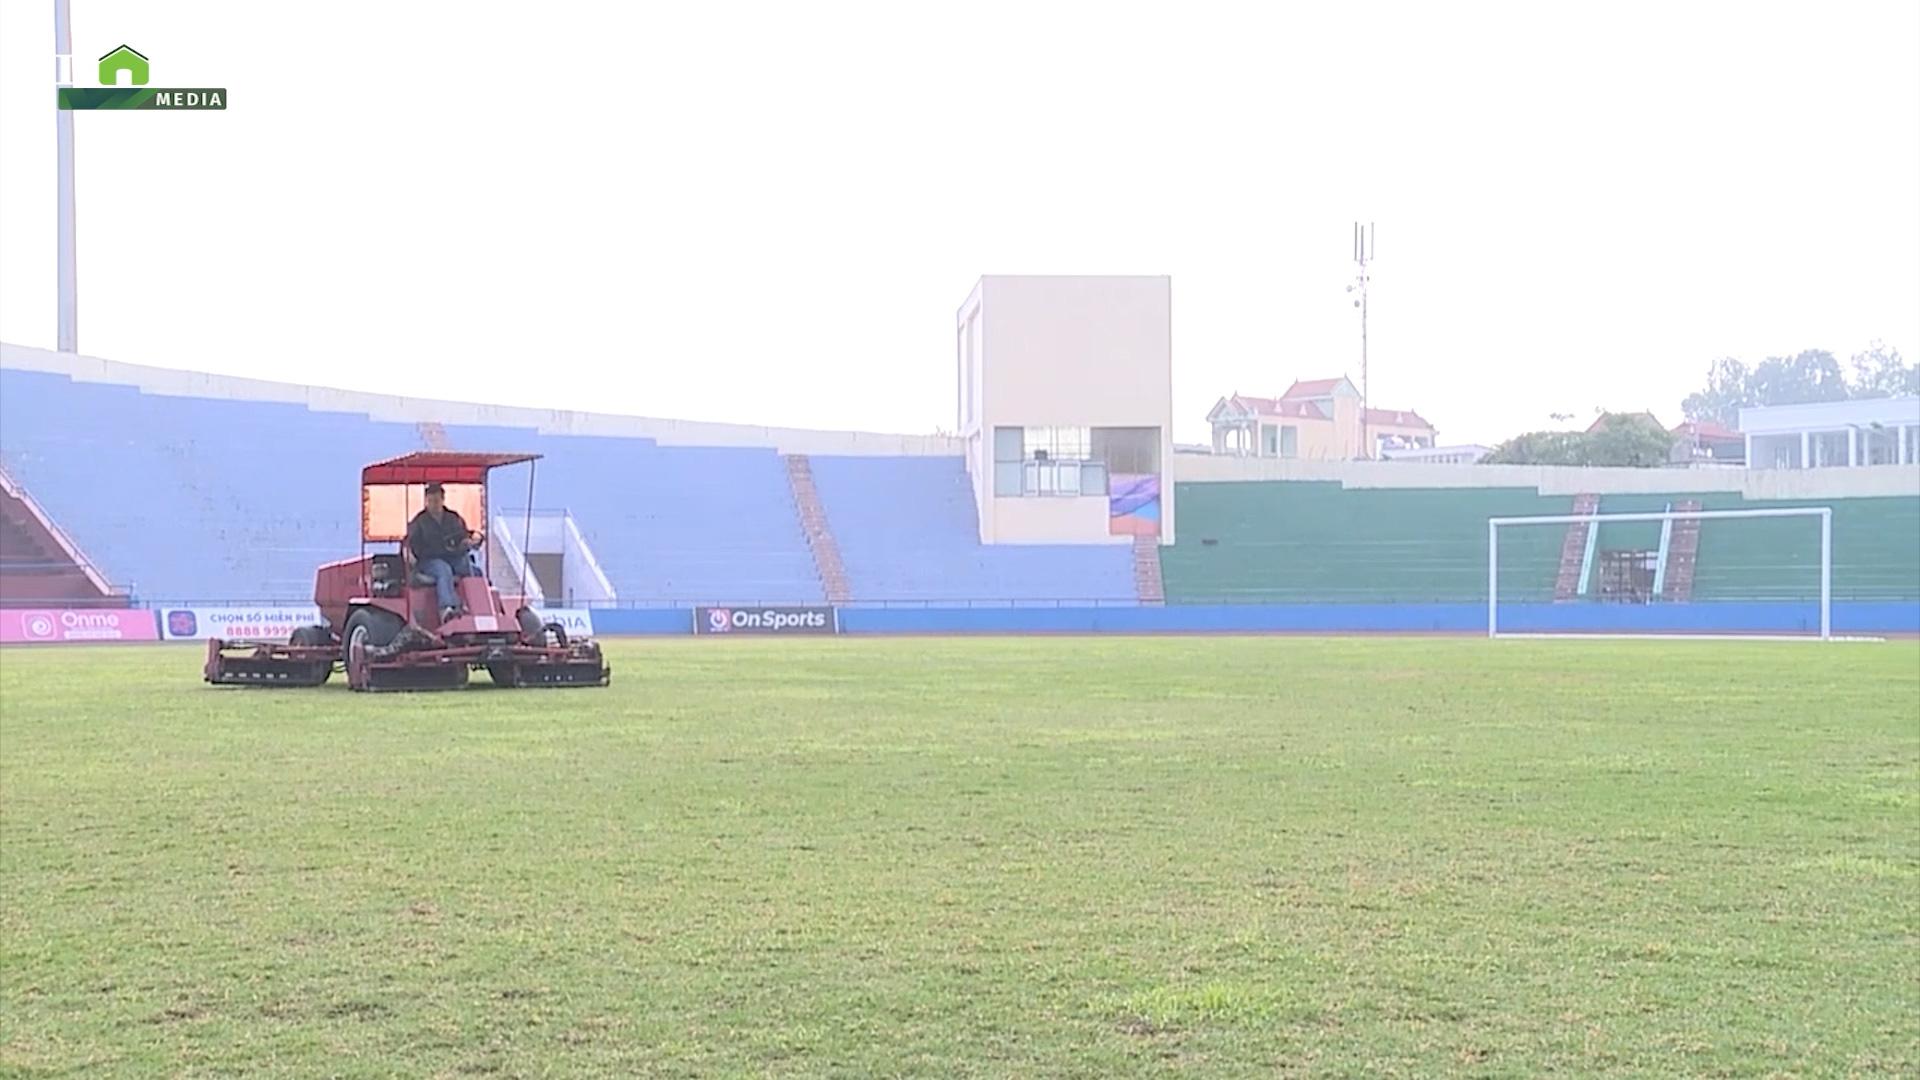 Phú Thọ: Sẵn sàng tổ chức vòng bảng bóng đá nam SEA Games 31 - Ảnh 3.